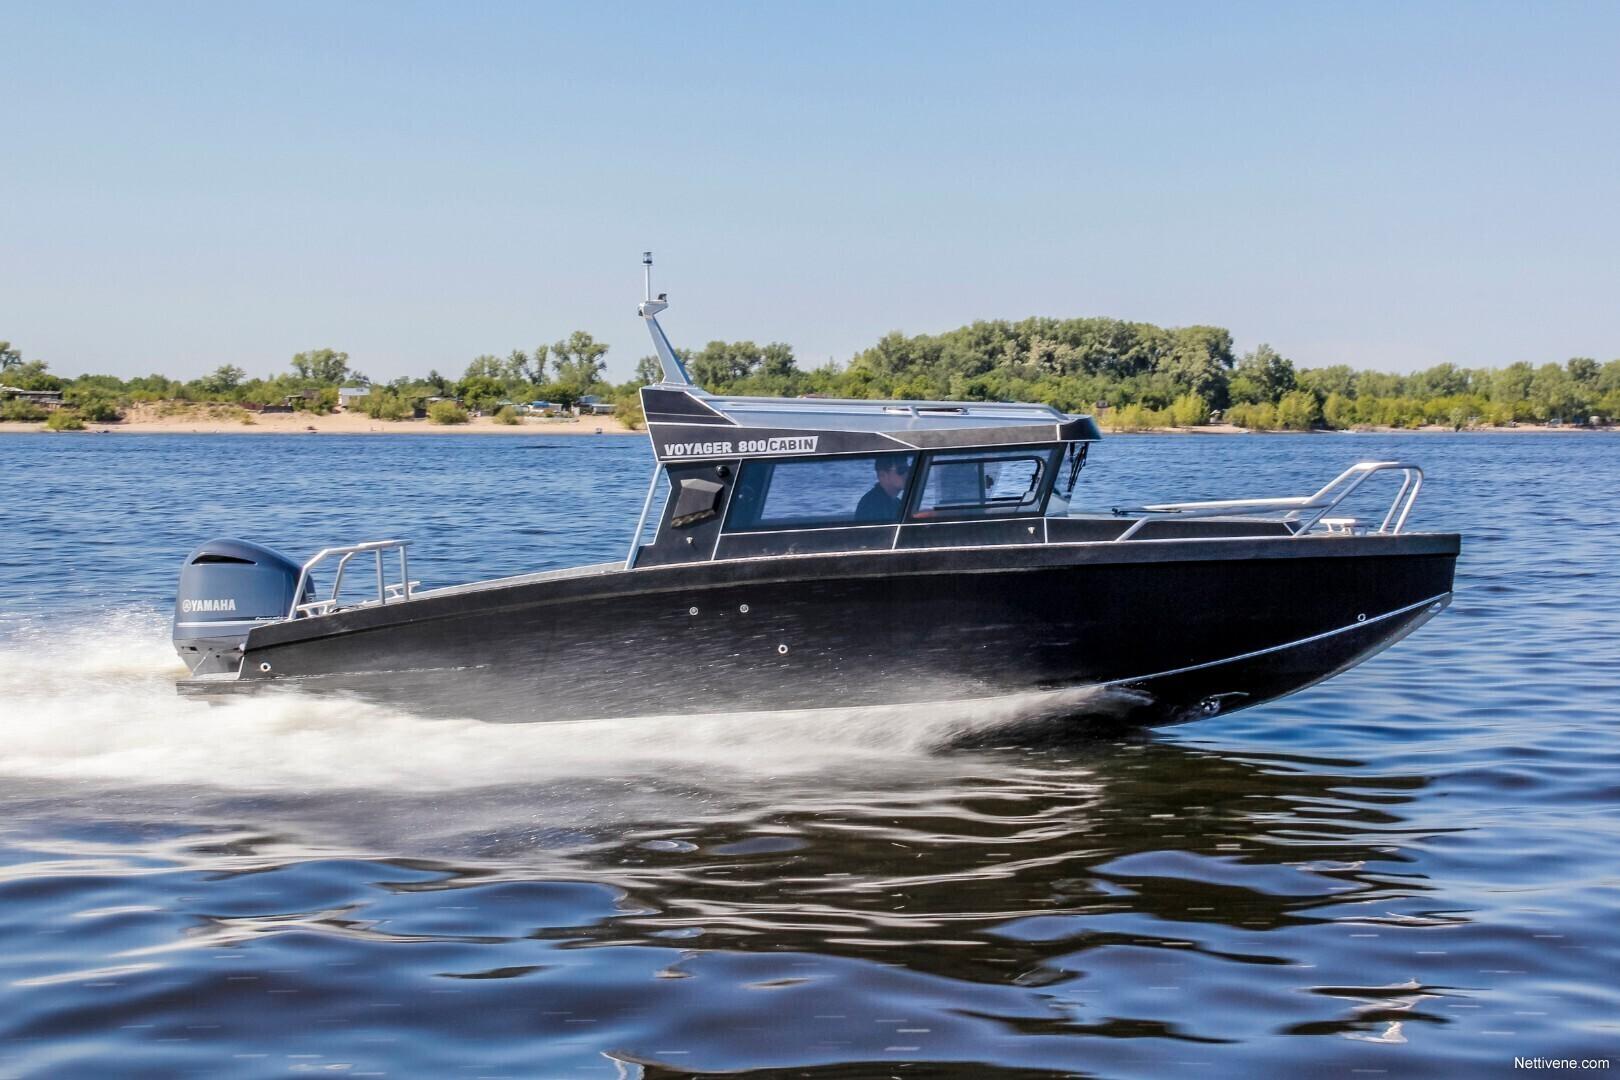 Moottorivene Vboats Voyager 800 Cabin + V300